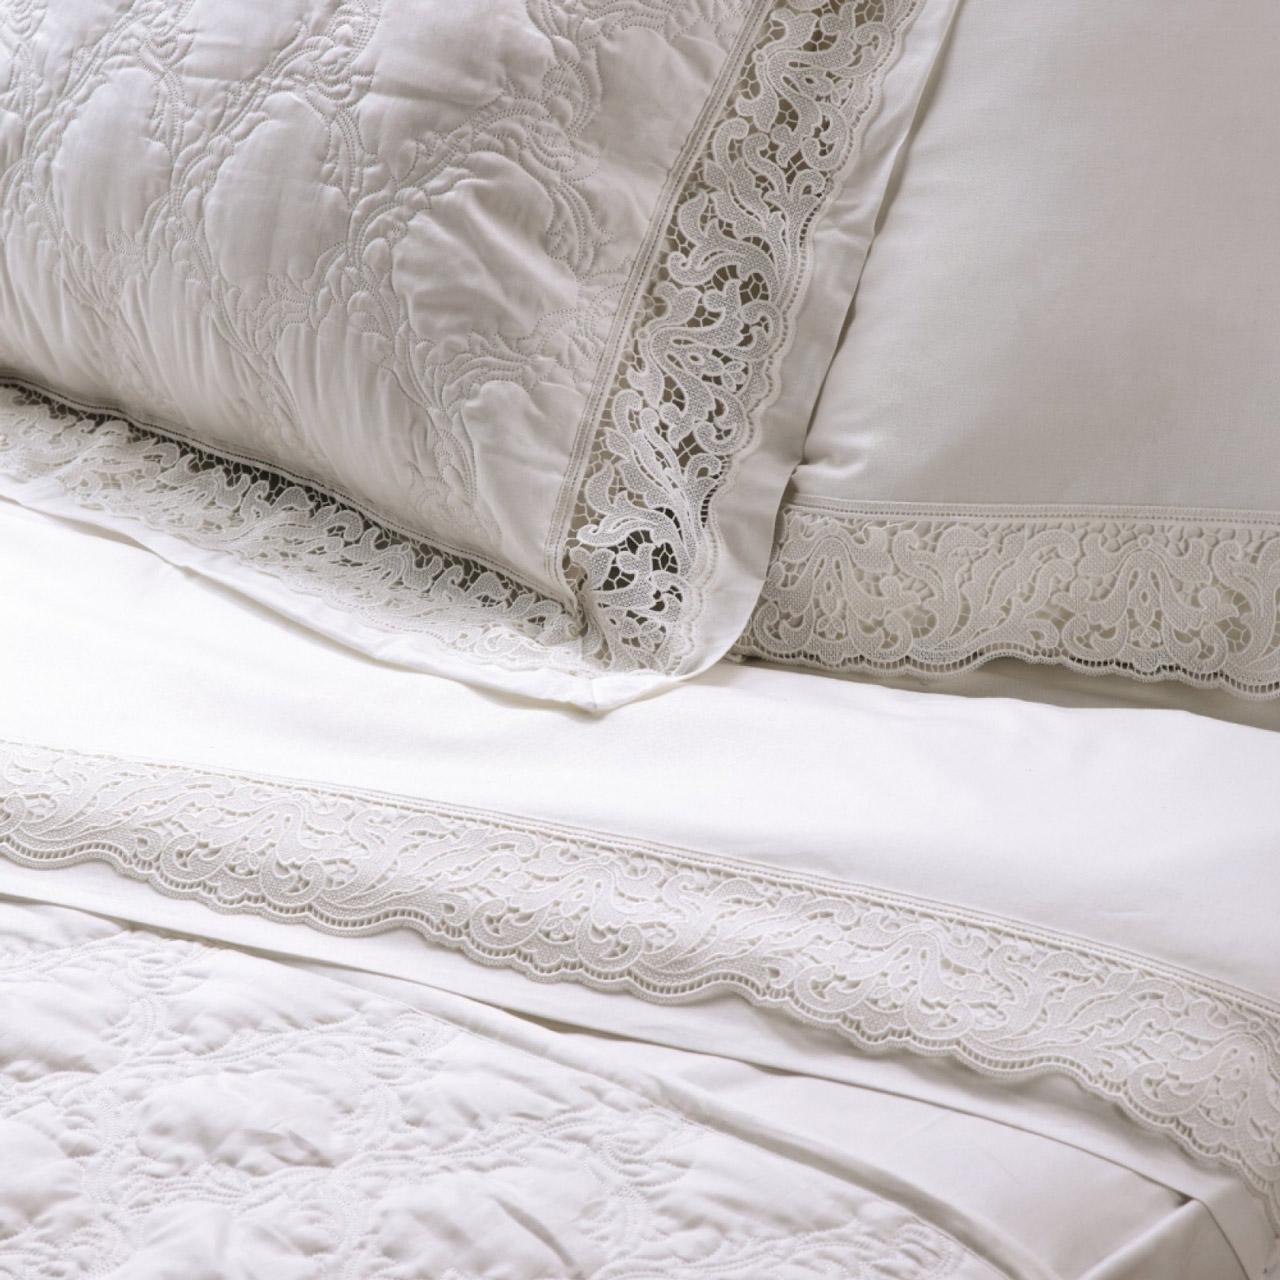 Σεντόνια Υπέρδιπλα (Σετ) 240X270 Kentia Serenity Clelia Λευκό Χωρίς Λάστιχο